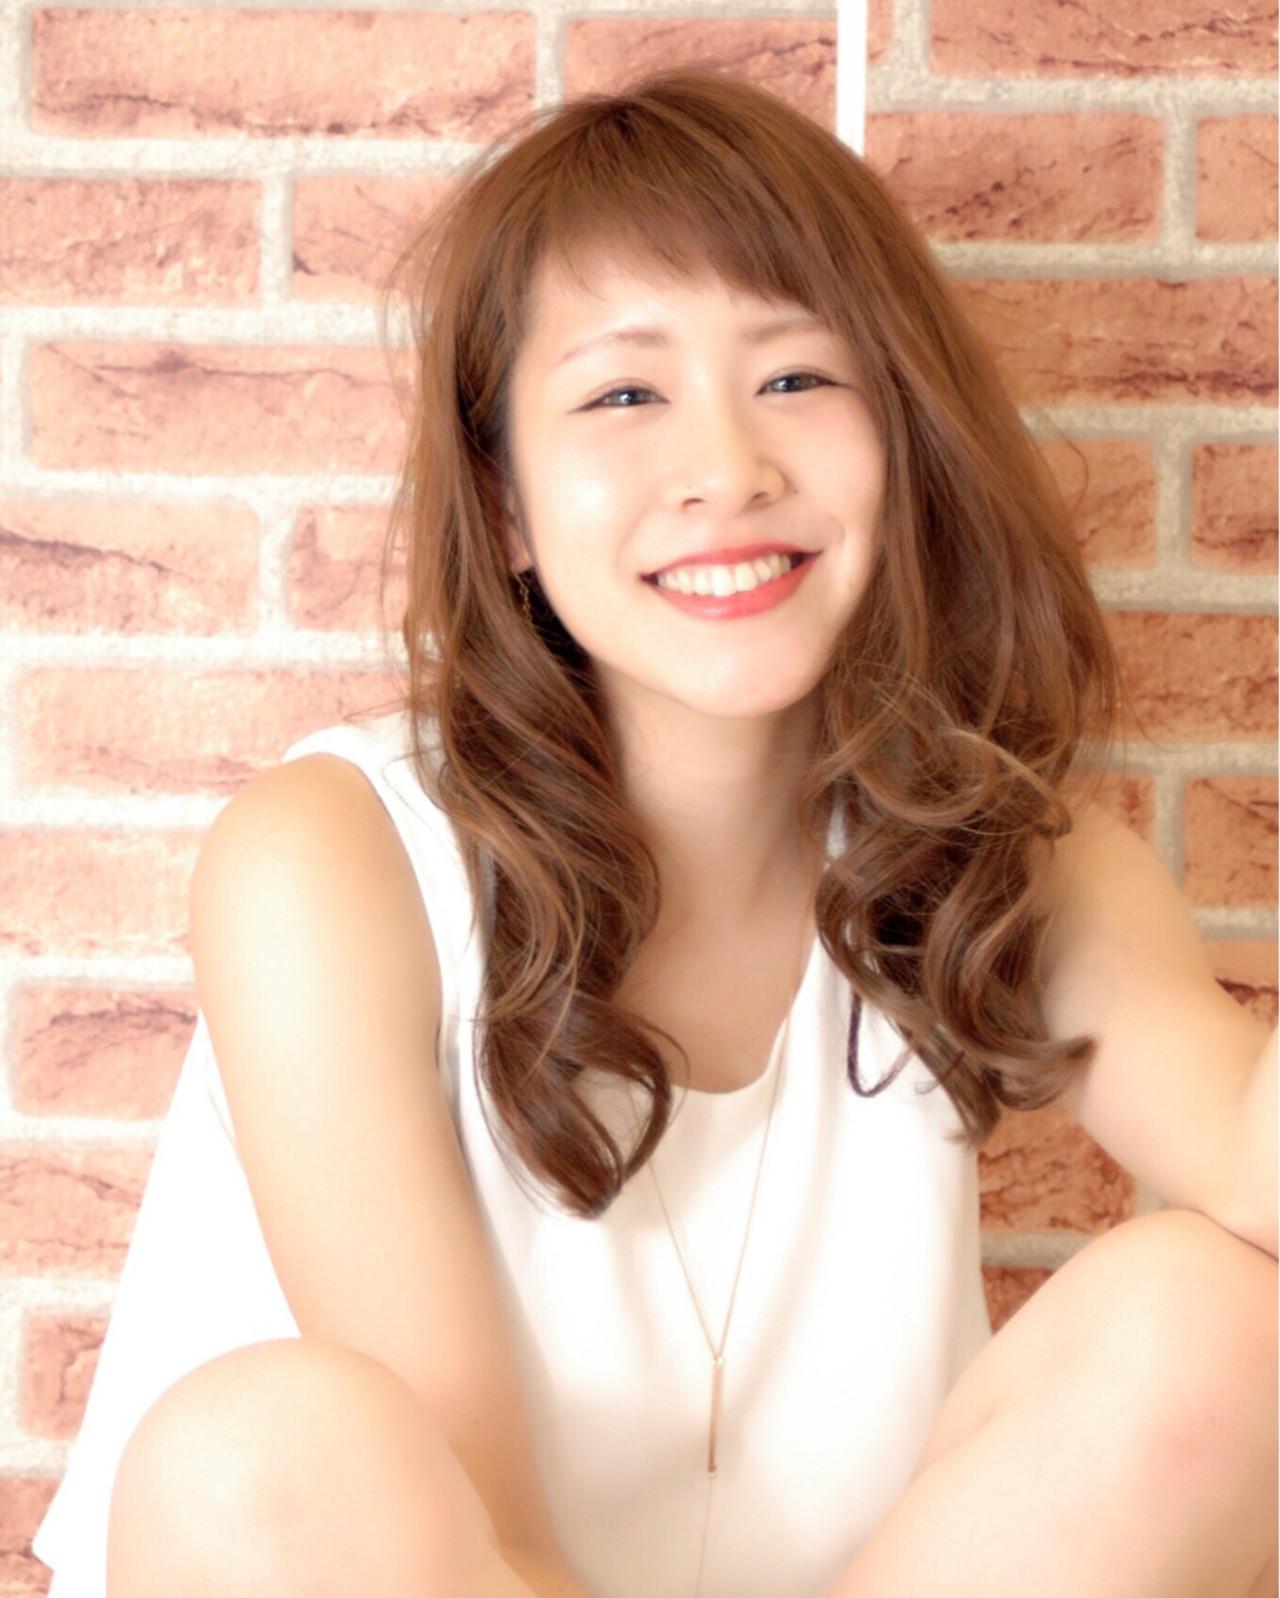 アシメ前髪で髪型チェンジ!周囲と差がつくおしゃれスタイル♡ 夢乃